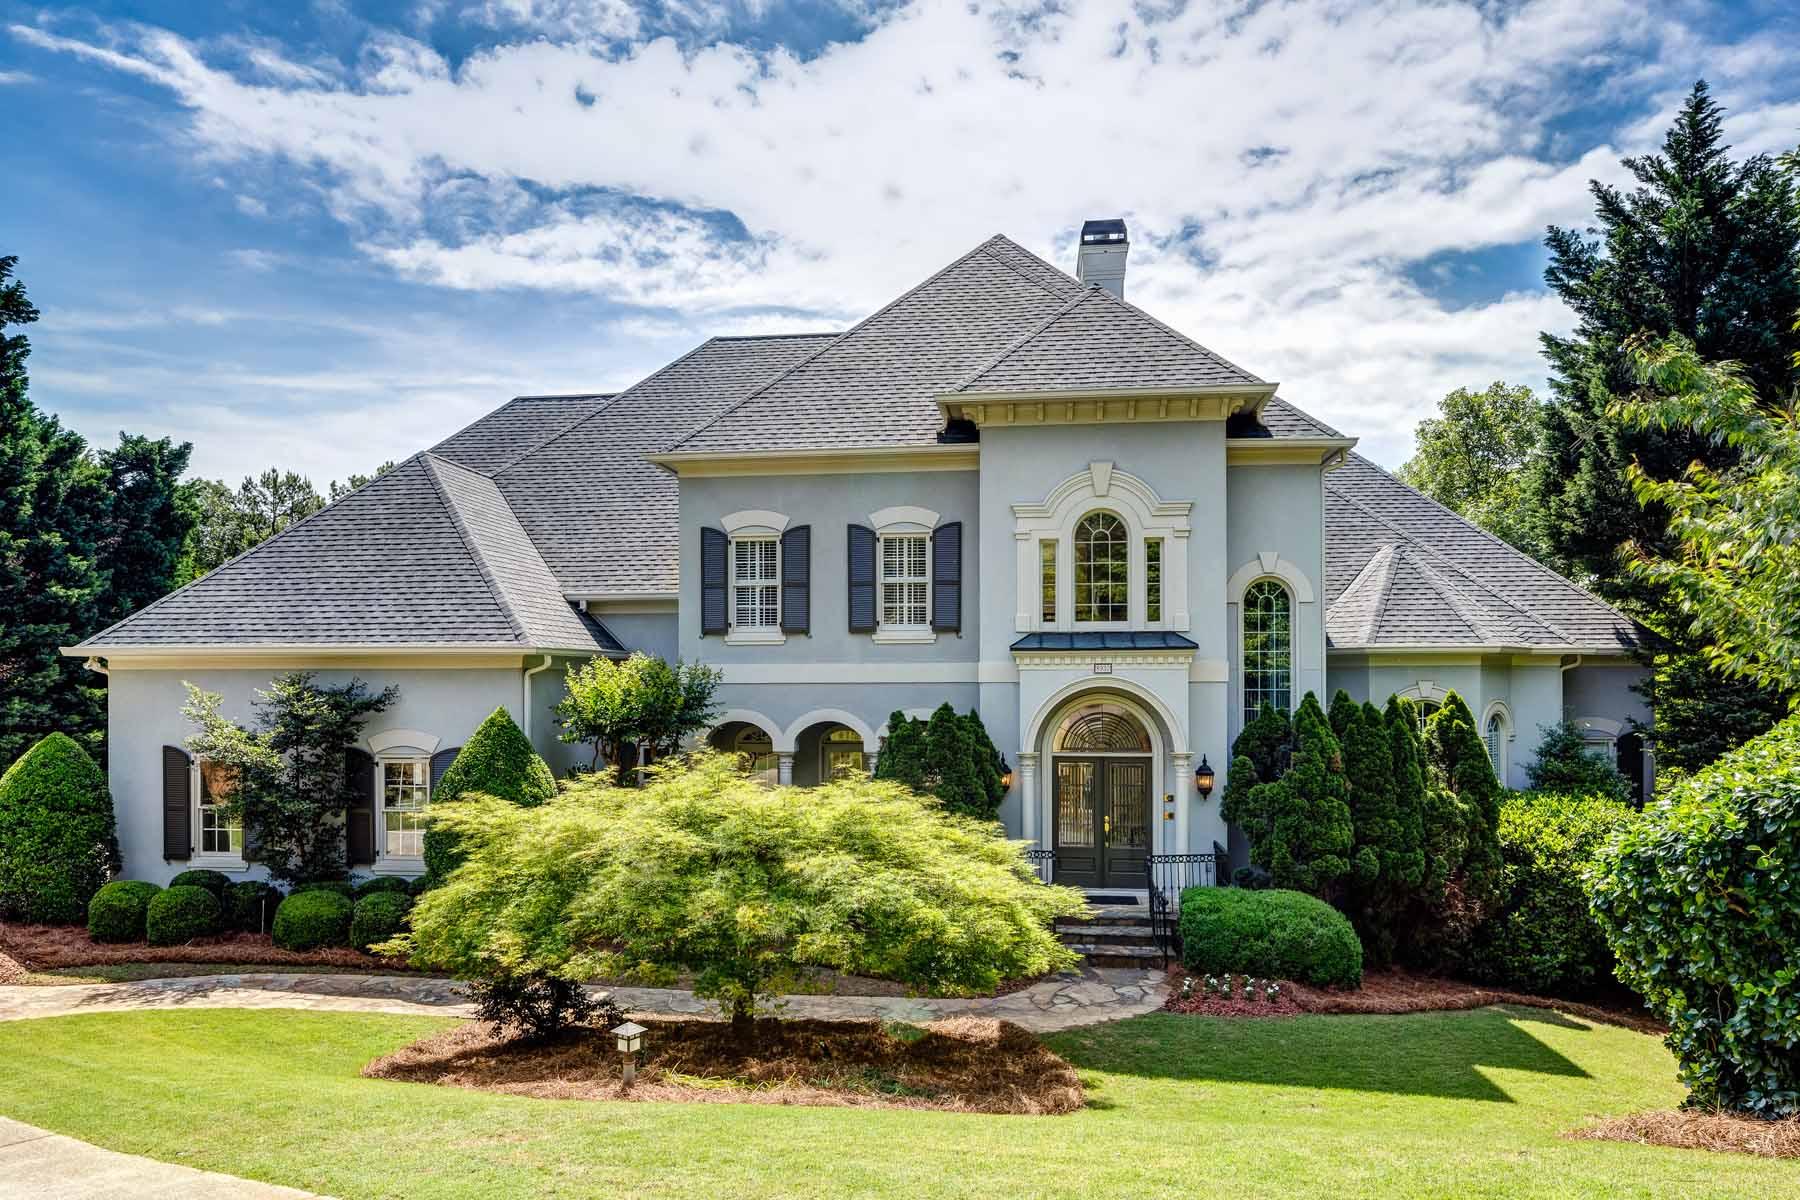 独户住宅 为 销售 在 Sophisticated Elegance 8930 Old Southwick Pass 阿法乐特, 乔治亚州, 30022 美国